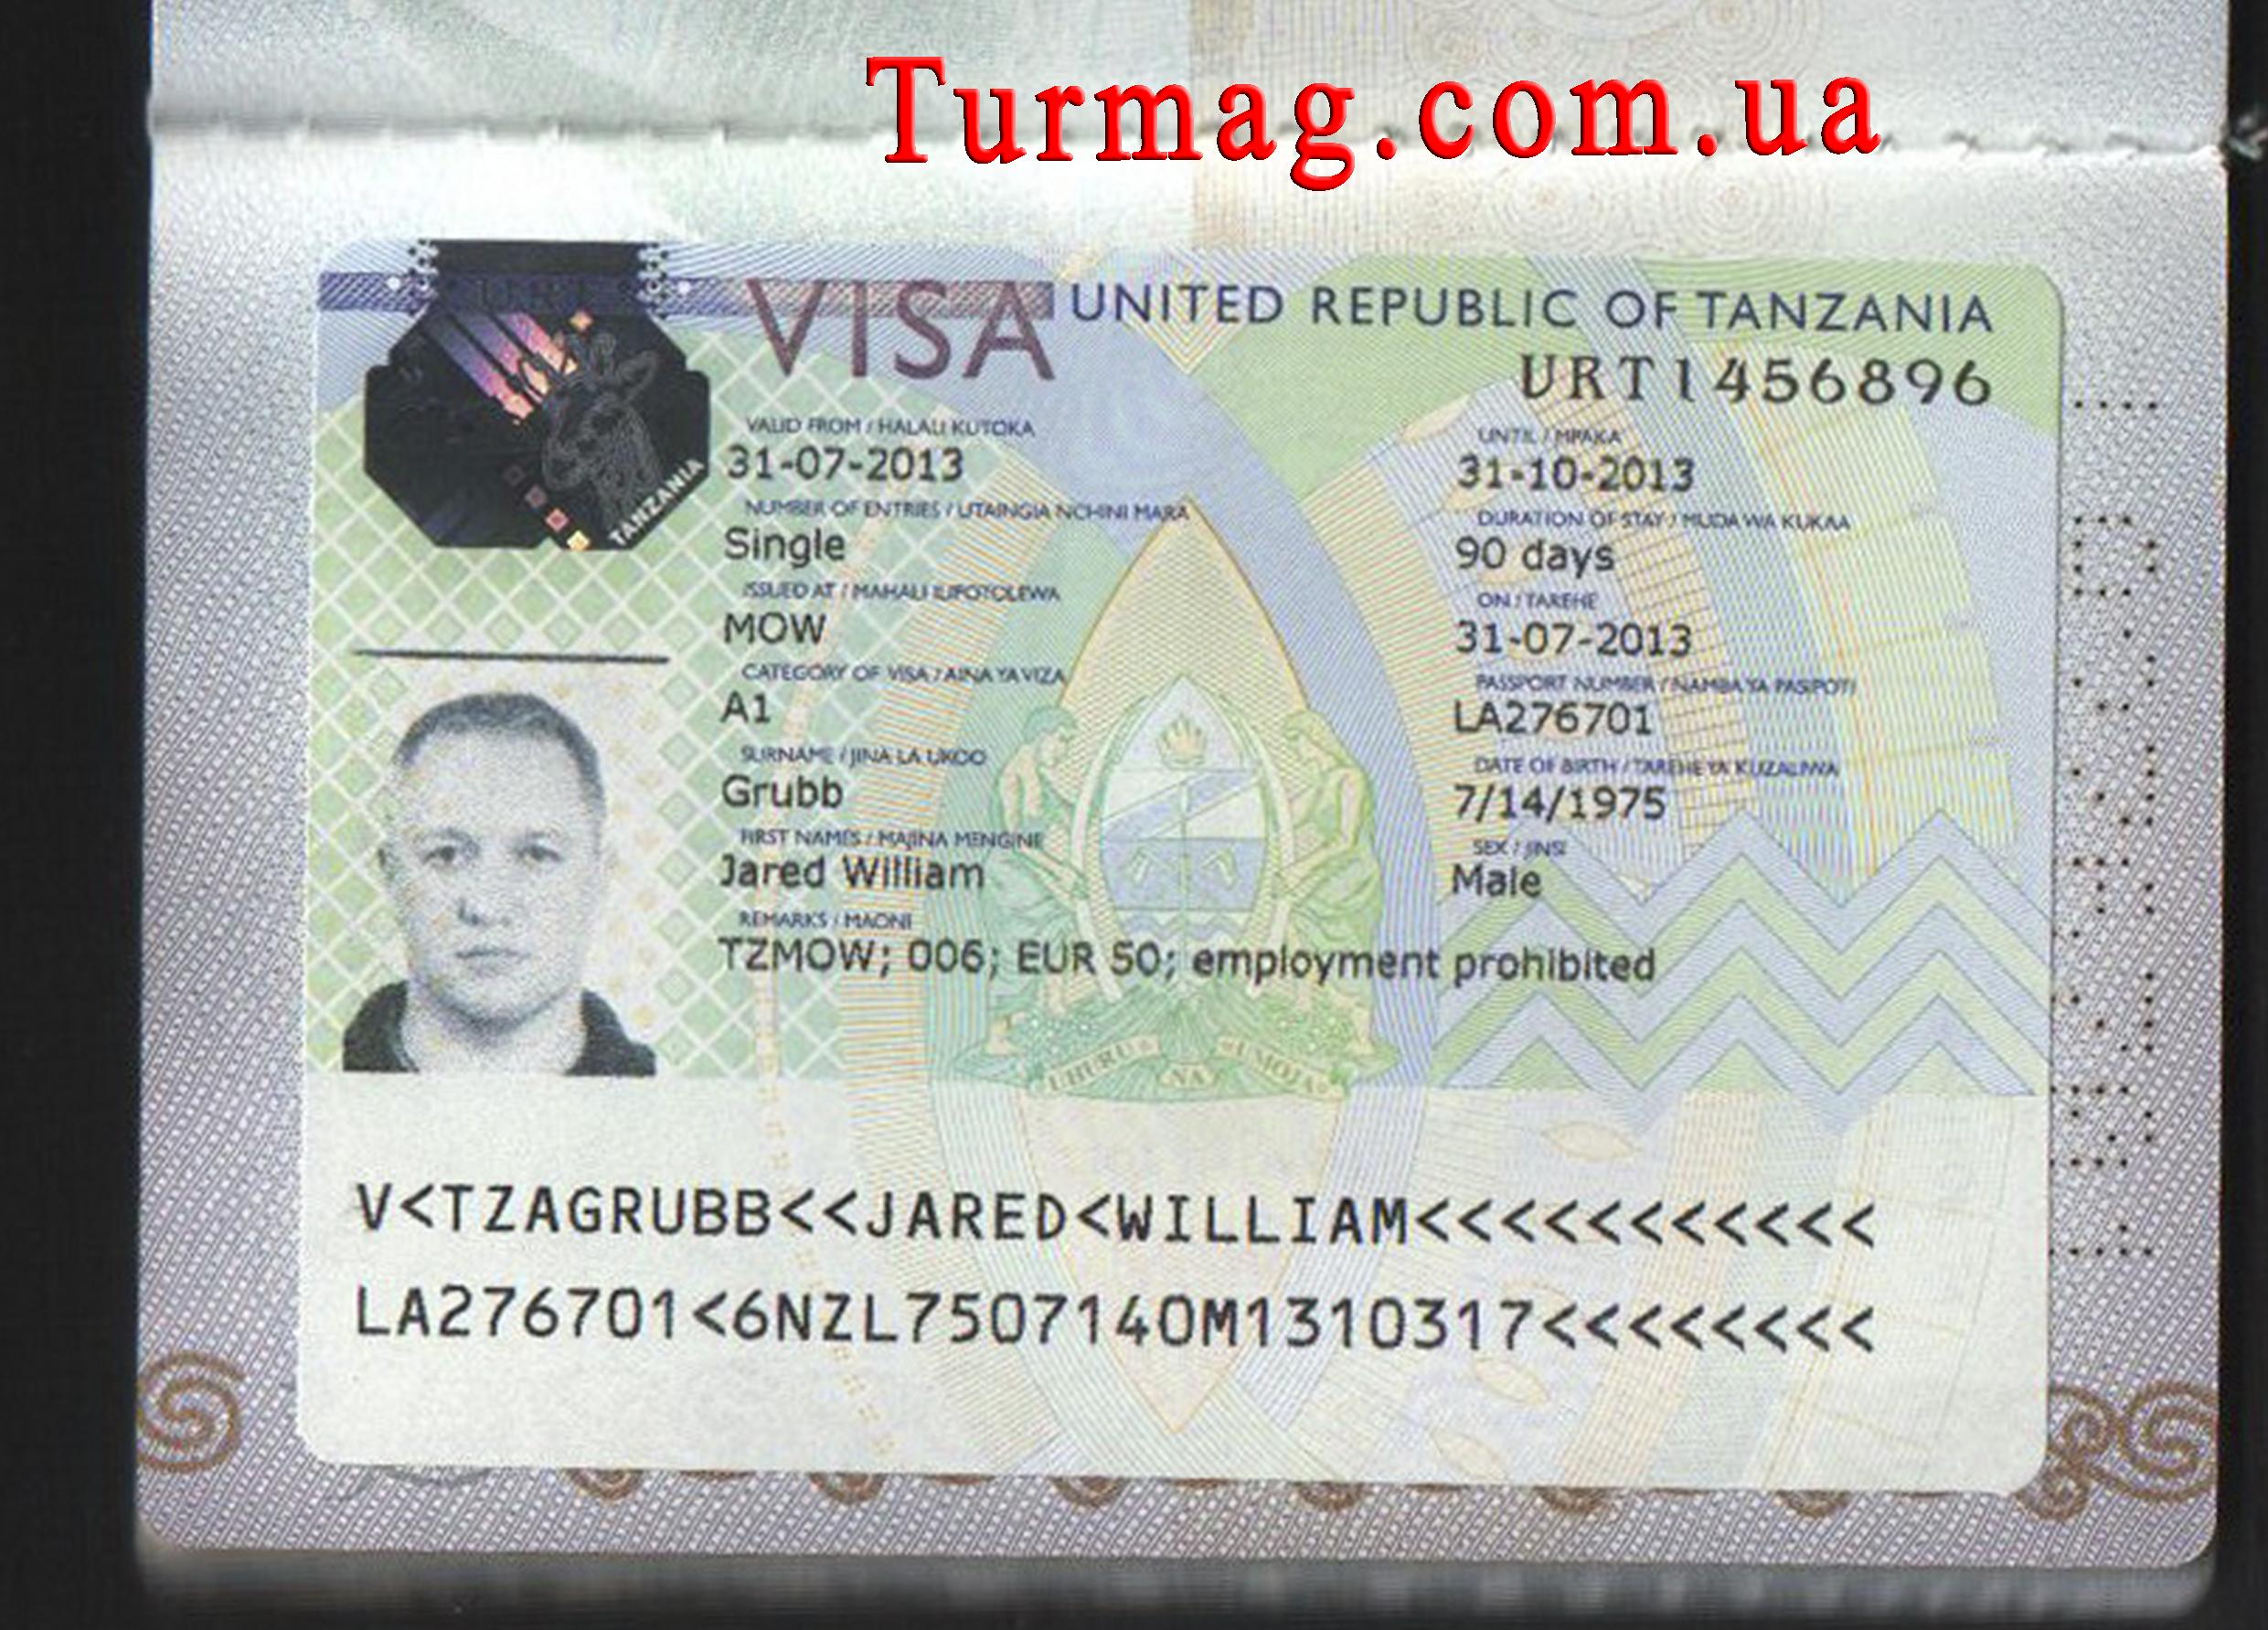 Внешний вид туристической визы в Танзанию